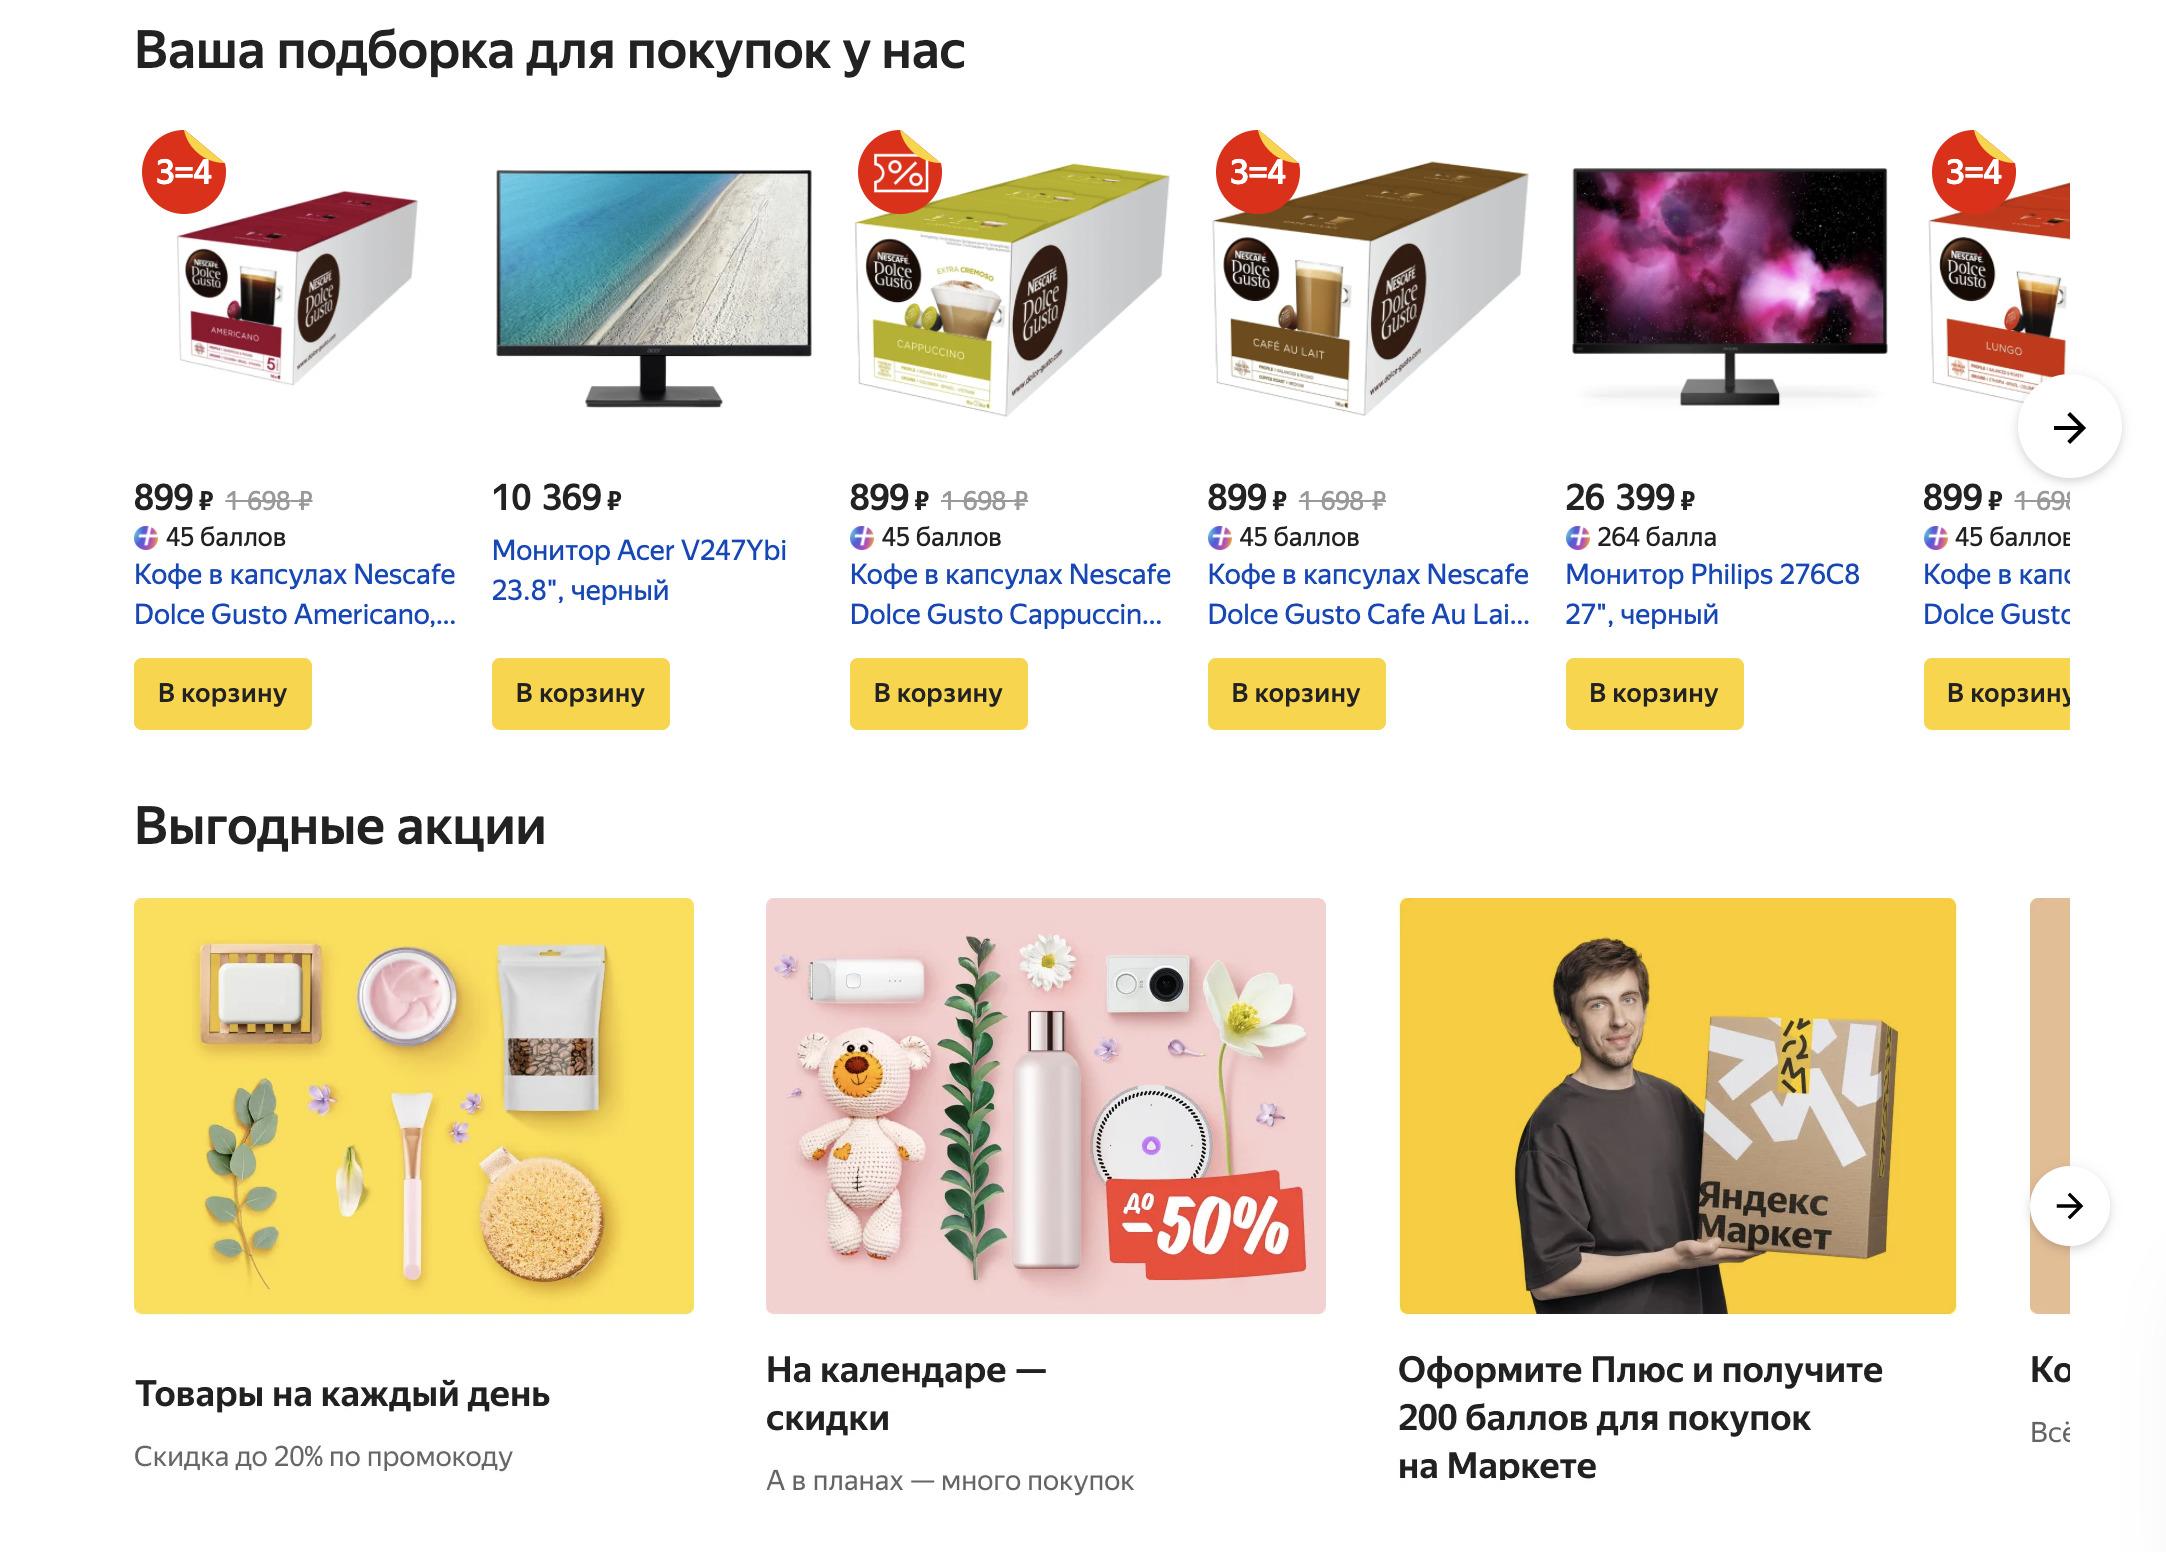 Доставка из Яндекс.Маркет в Орел, сроки, пункты выдачи, каталог